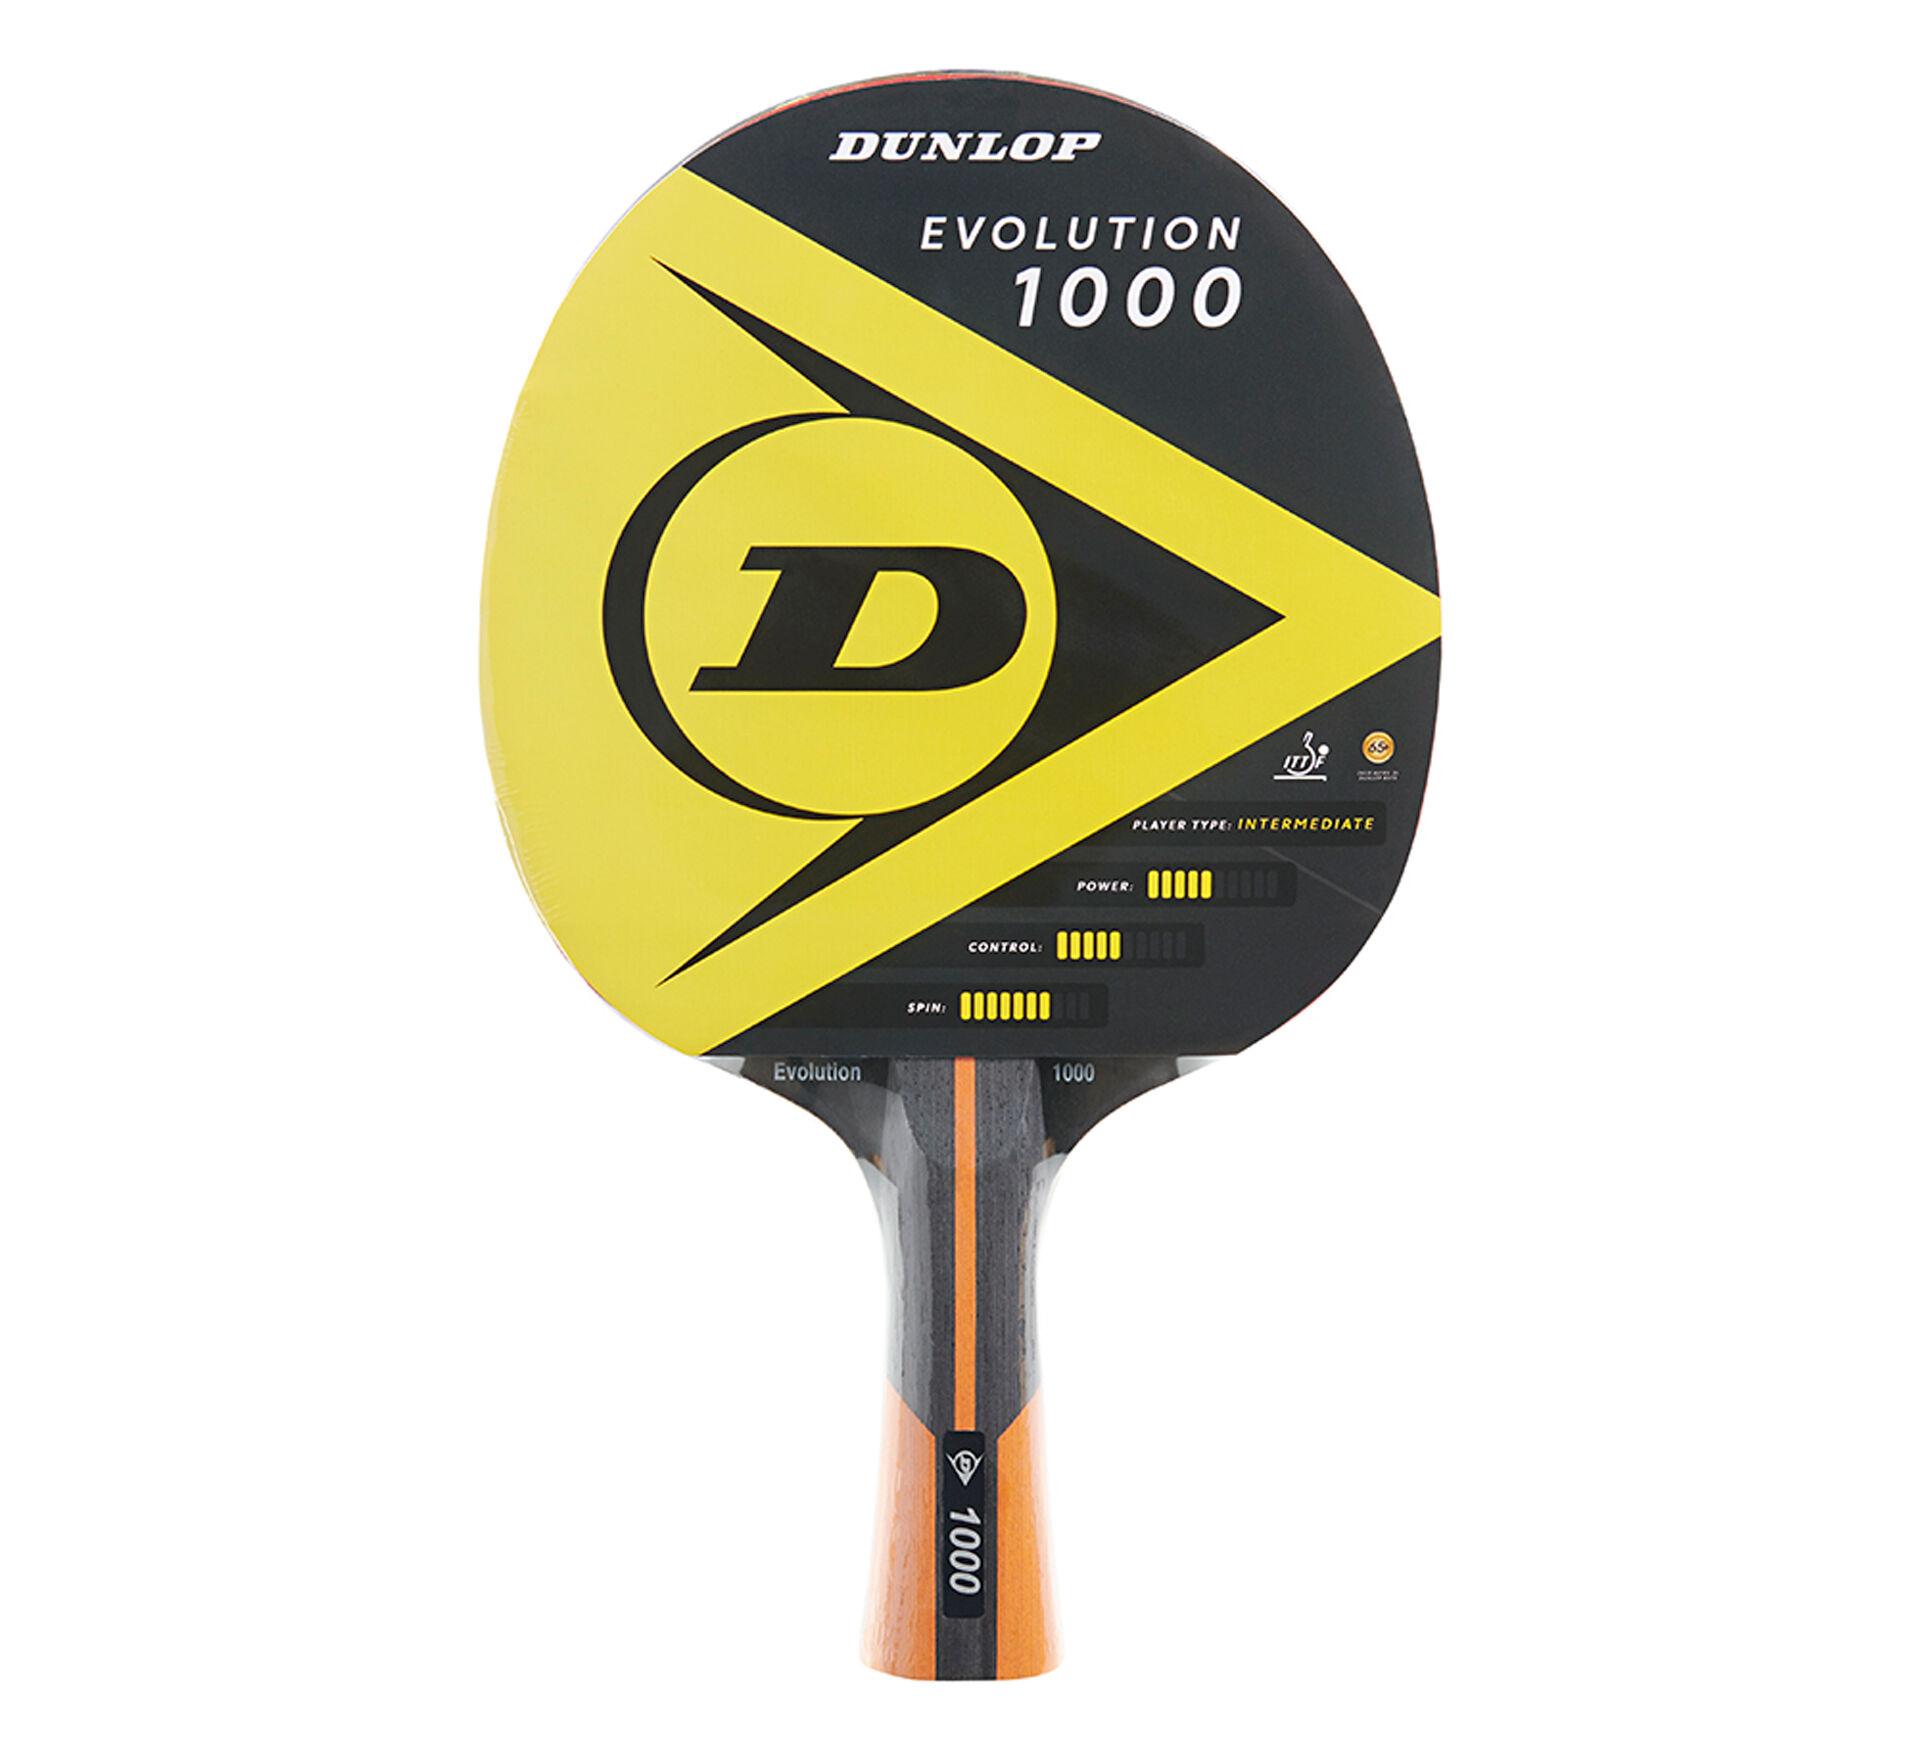 Dunlop Evolution 1000 tennis de table